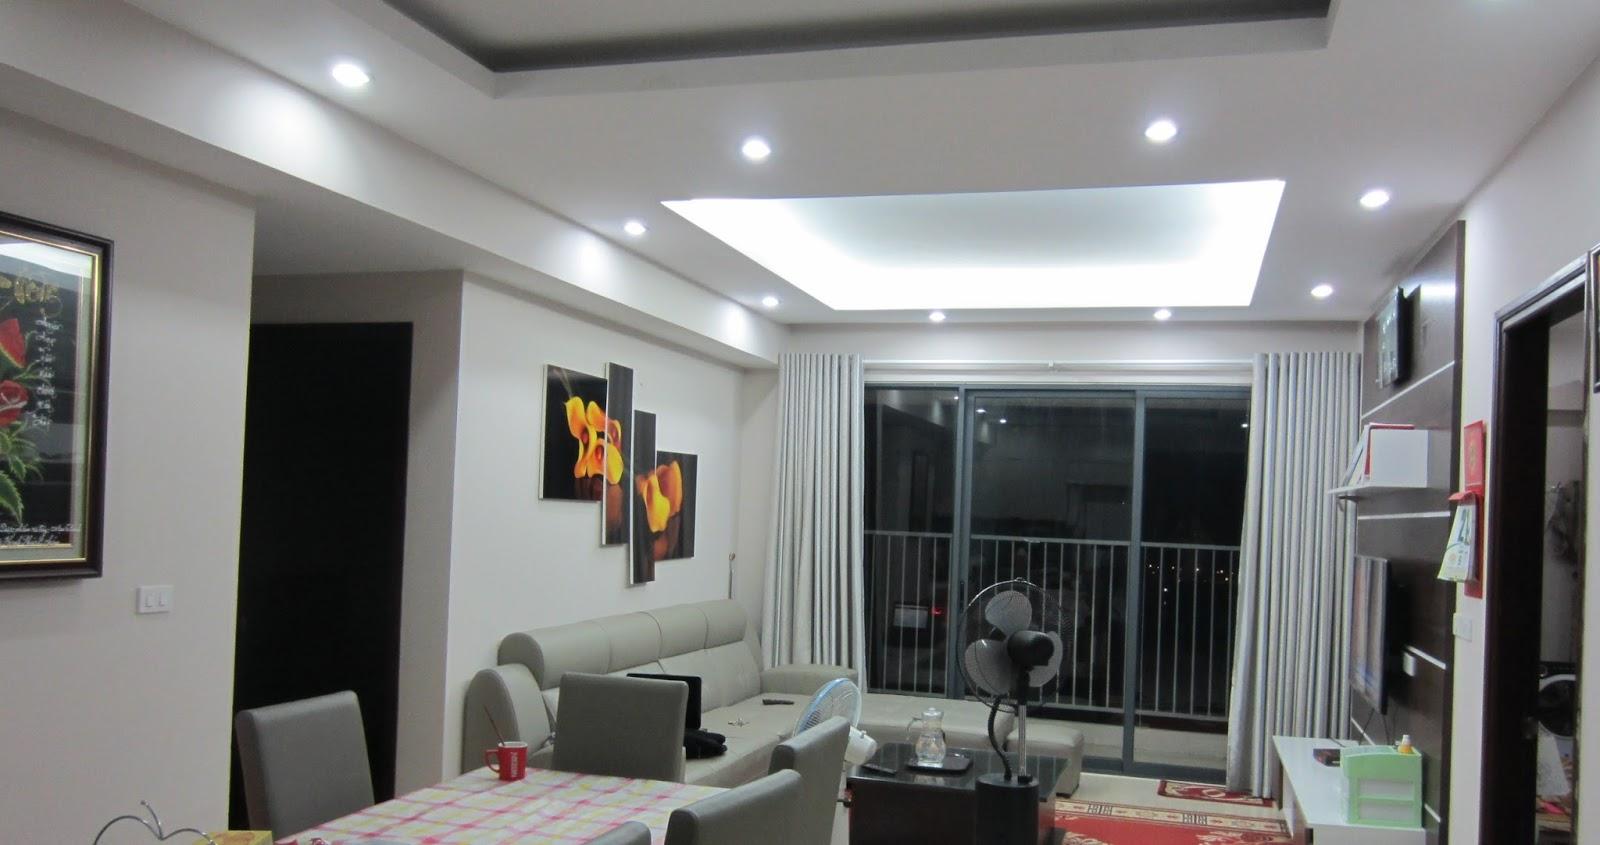 Hé lộ cách thức thiết kế nội thất phòng khách đẹp và sang trọng